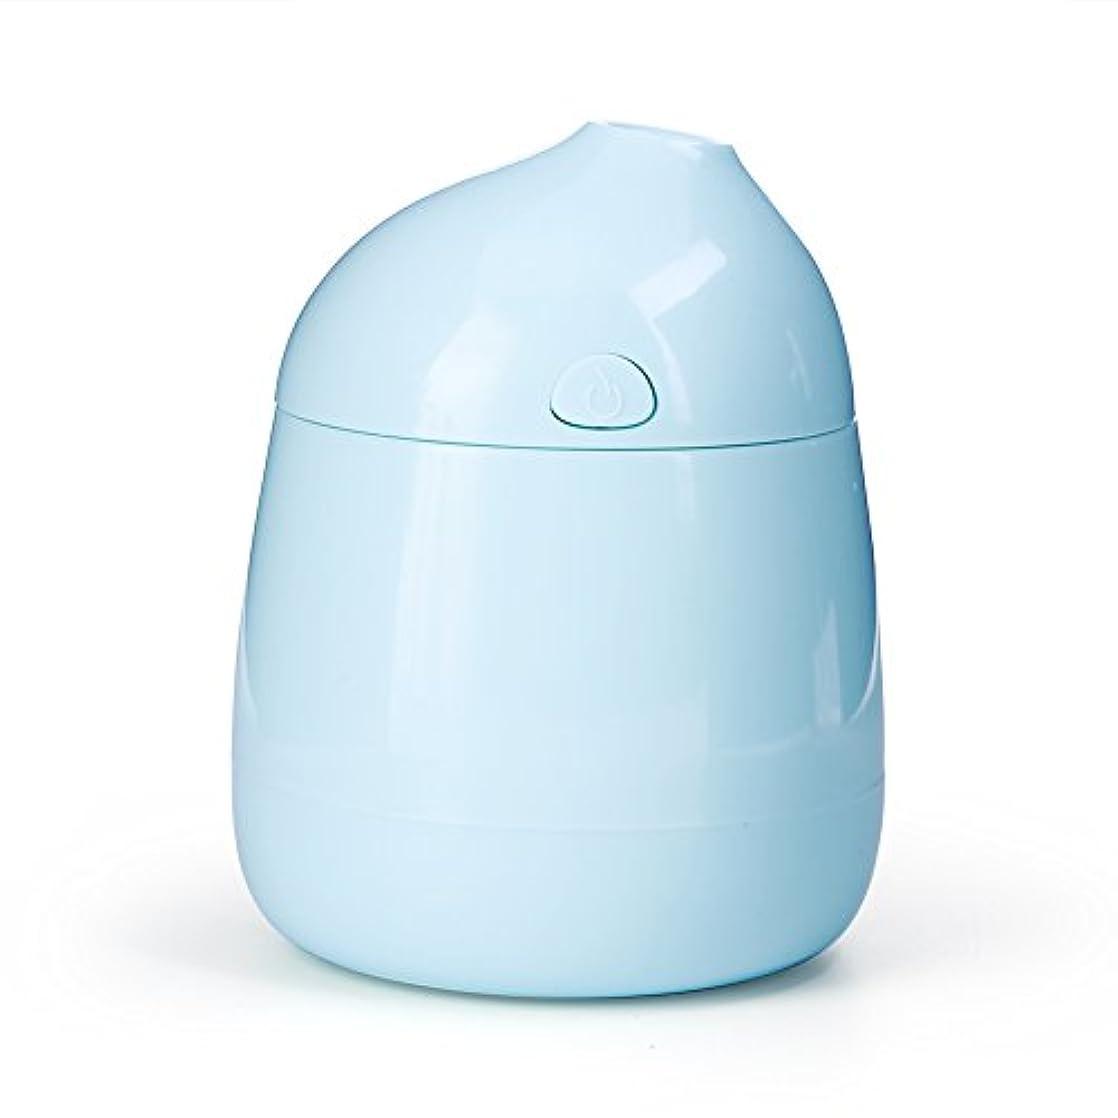 葬儀アヒル精算usb加湿器、ポータブルミニアロマ空気加湿器空気ディフューザー清浄器アトマイザー車のオフィス空気リフレッシャー(青)